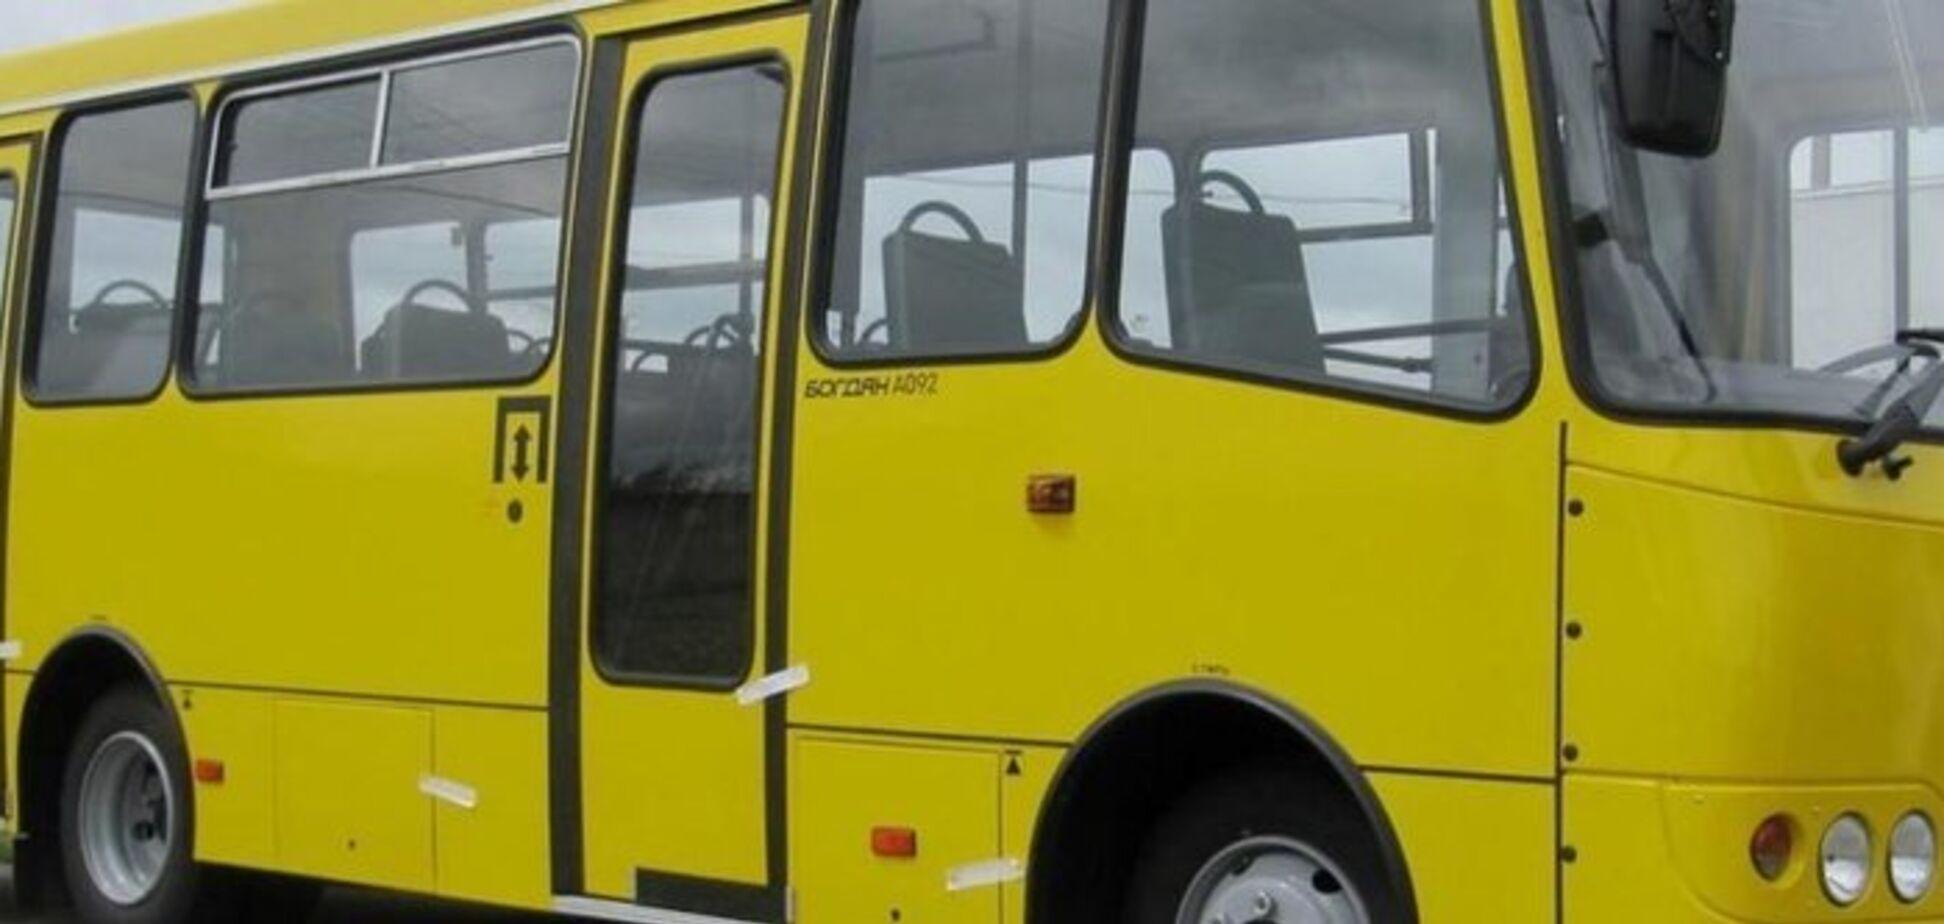 Тарифи на проїзд у Києві: з'ясувалися нюанси про вартість